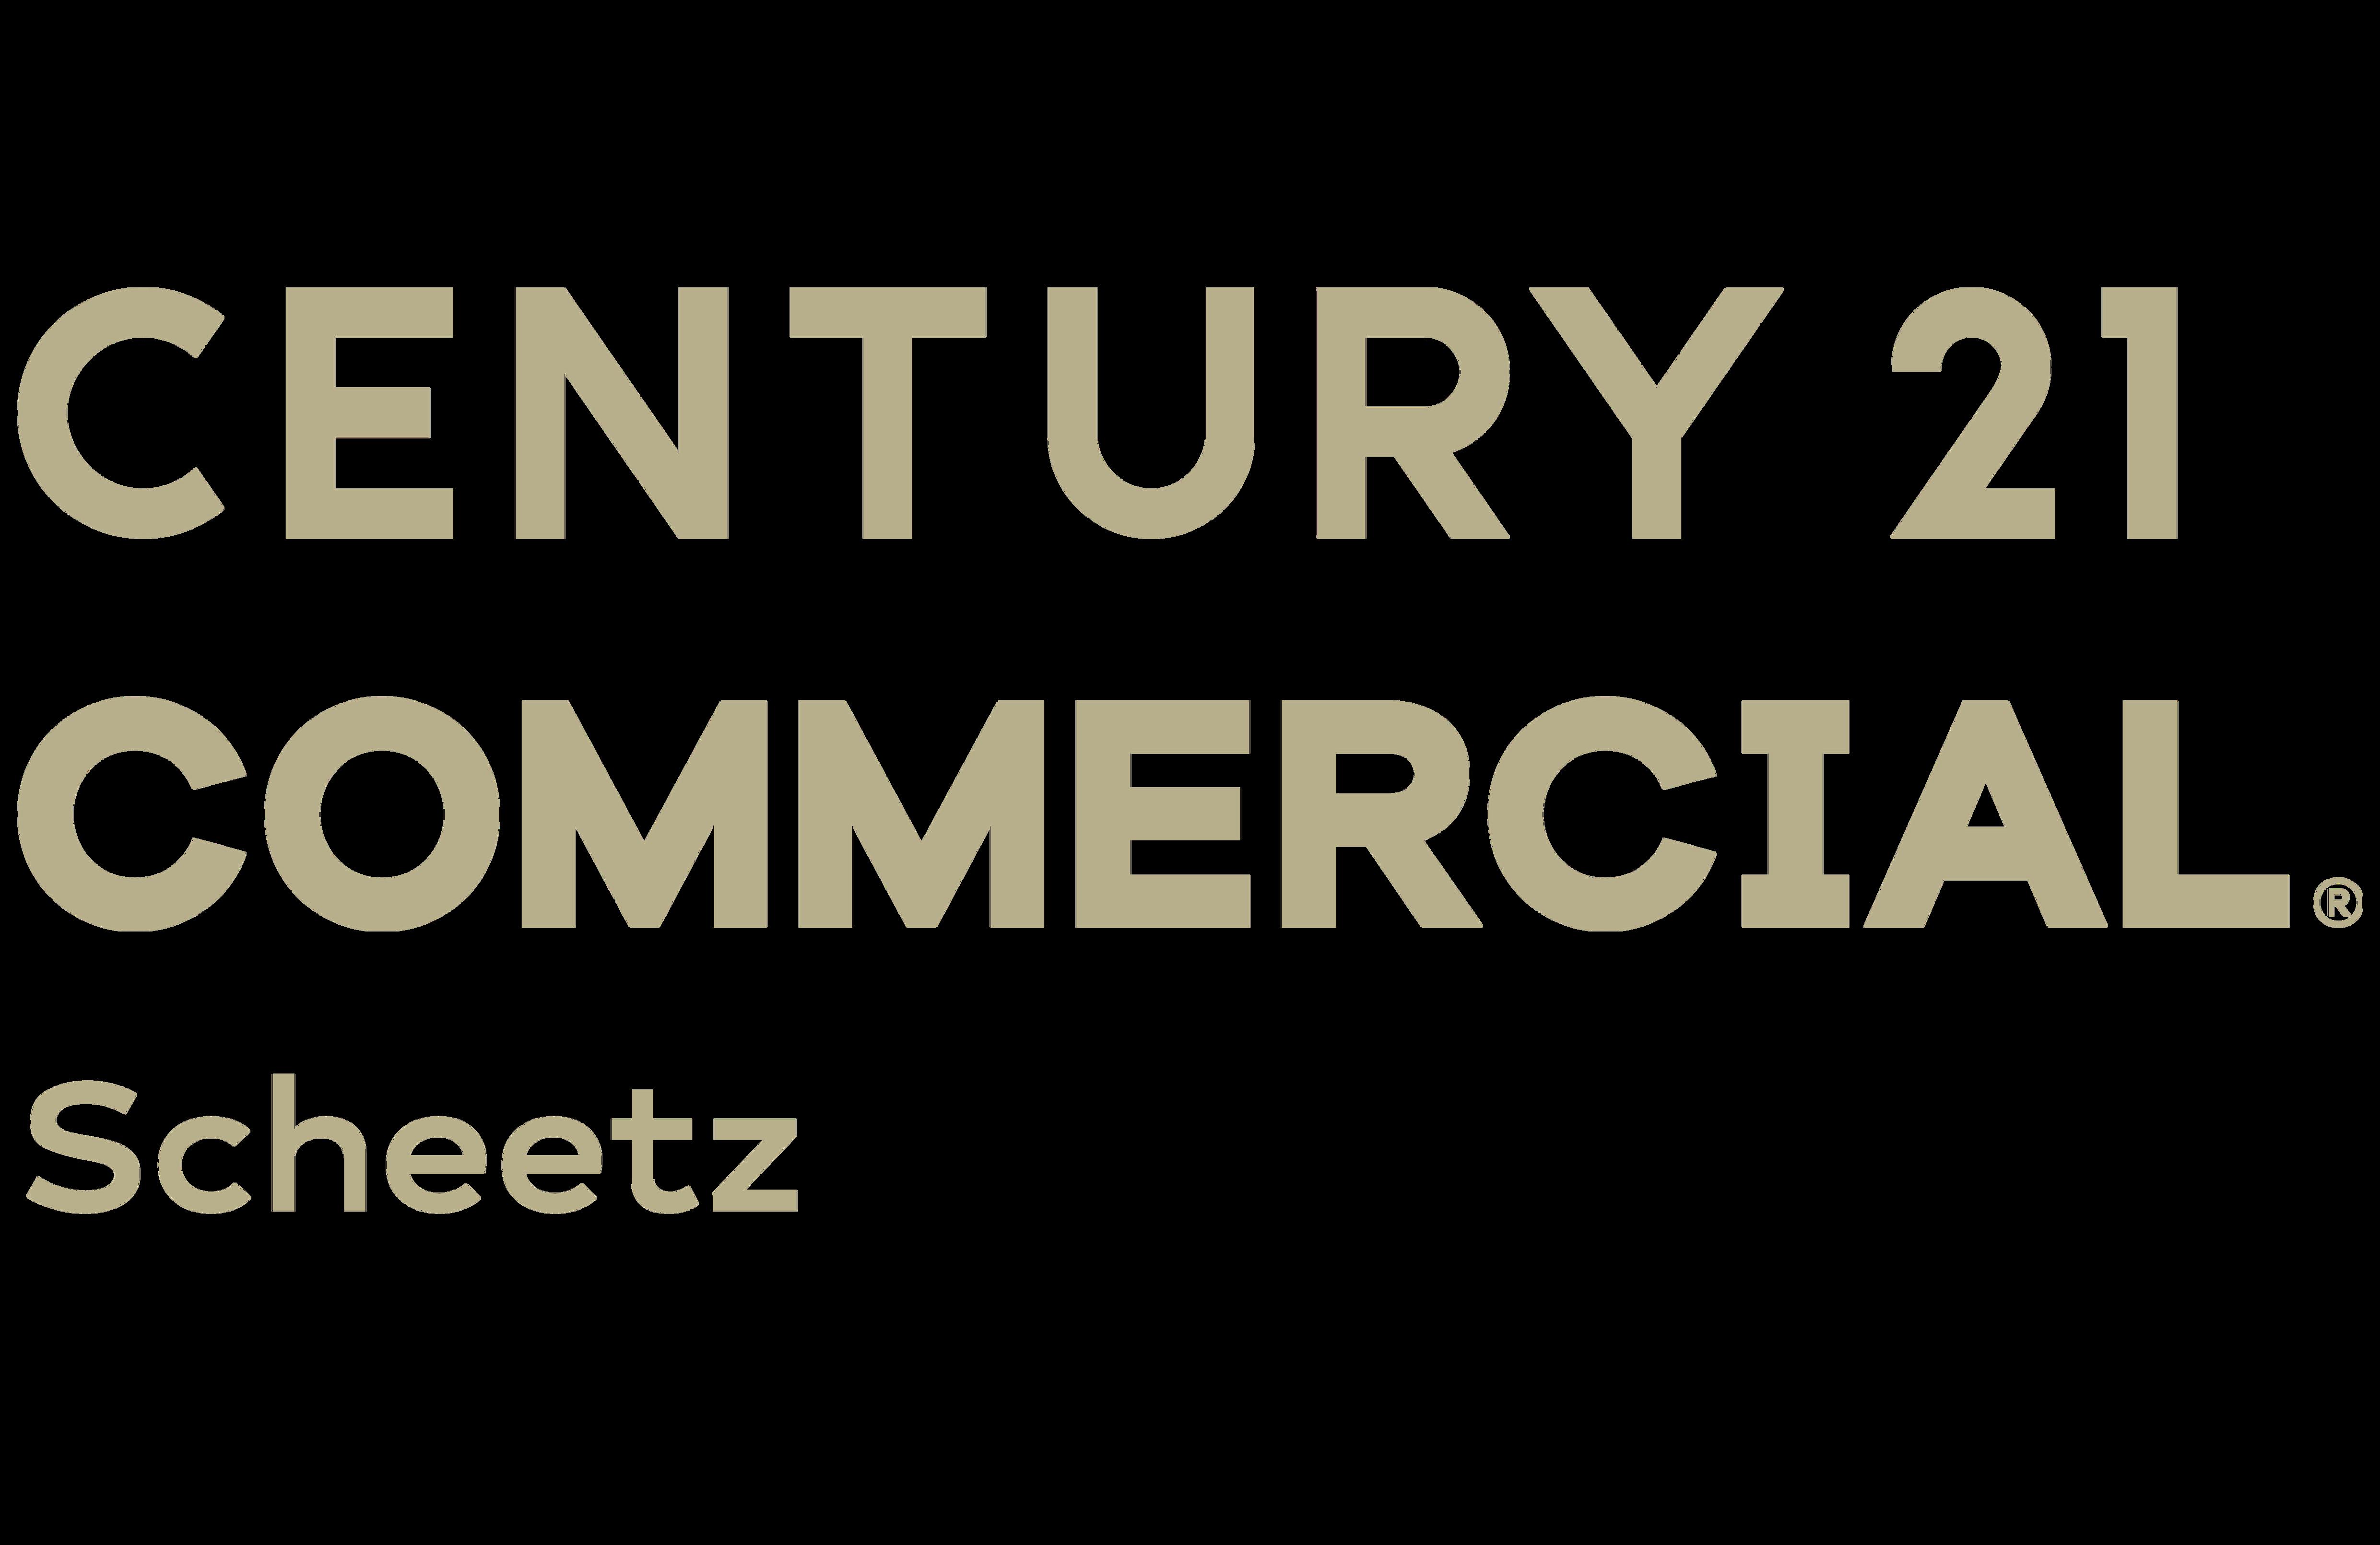 Mike Clements of CENTURY 21 Scheetz logo